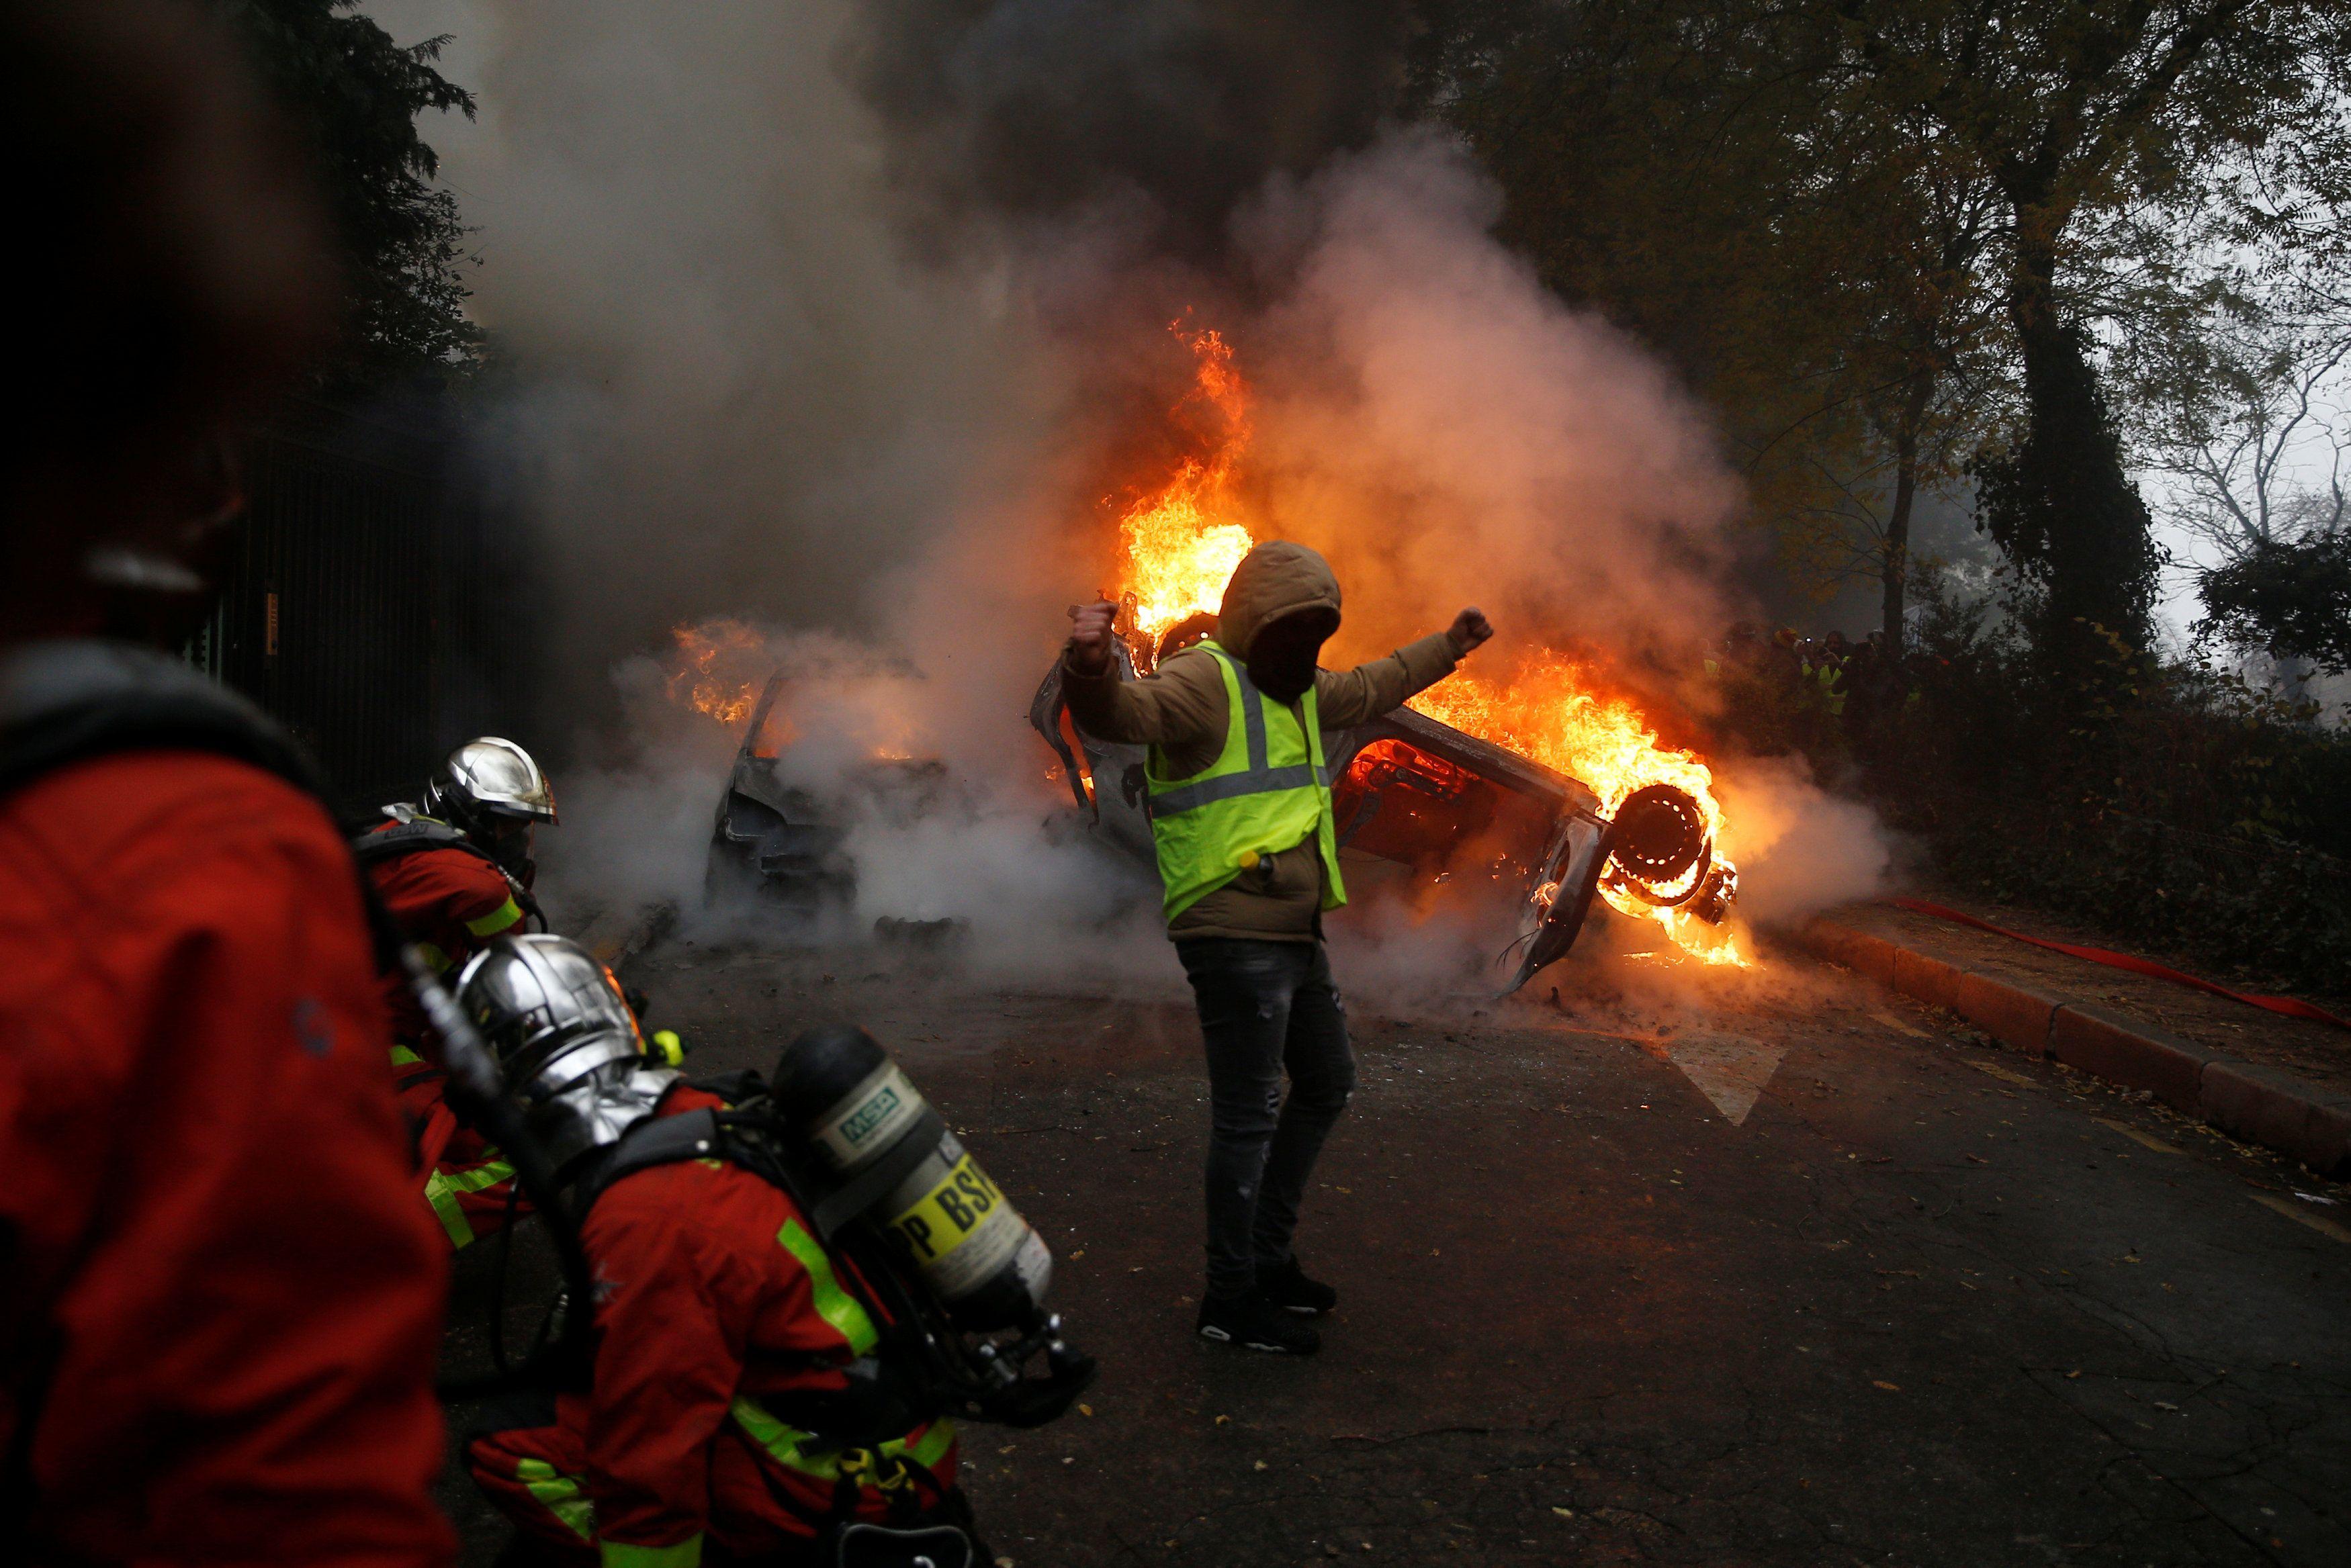 ارتفاع عدد المصابين والمعتقلين في مظاهرات فرنسا Breaking News Concert News